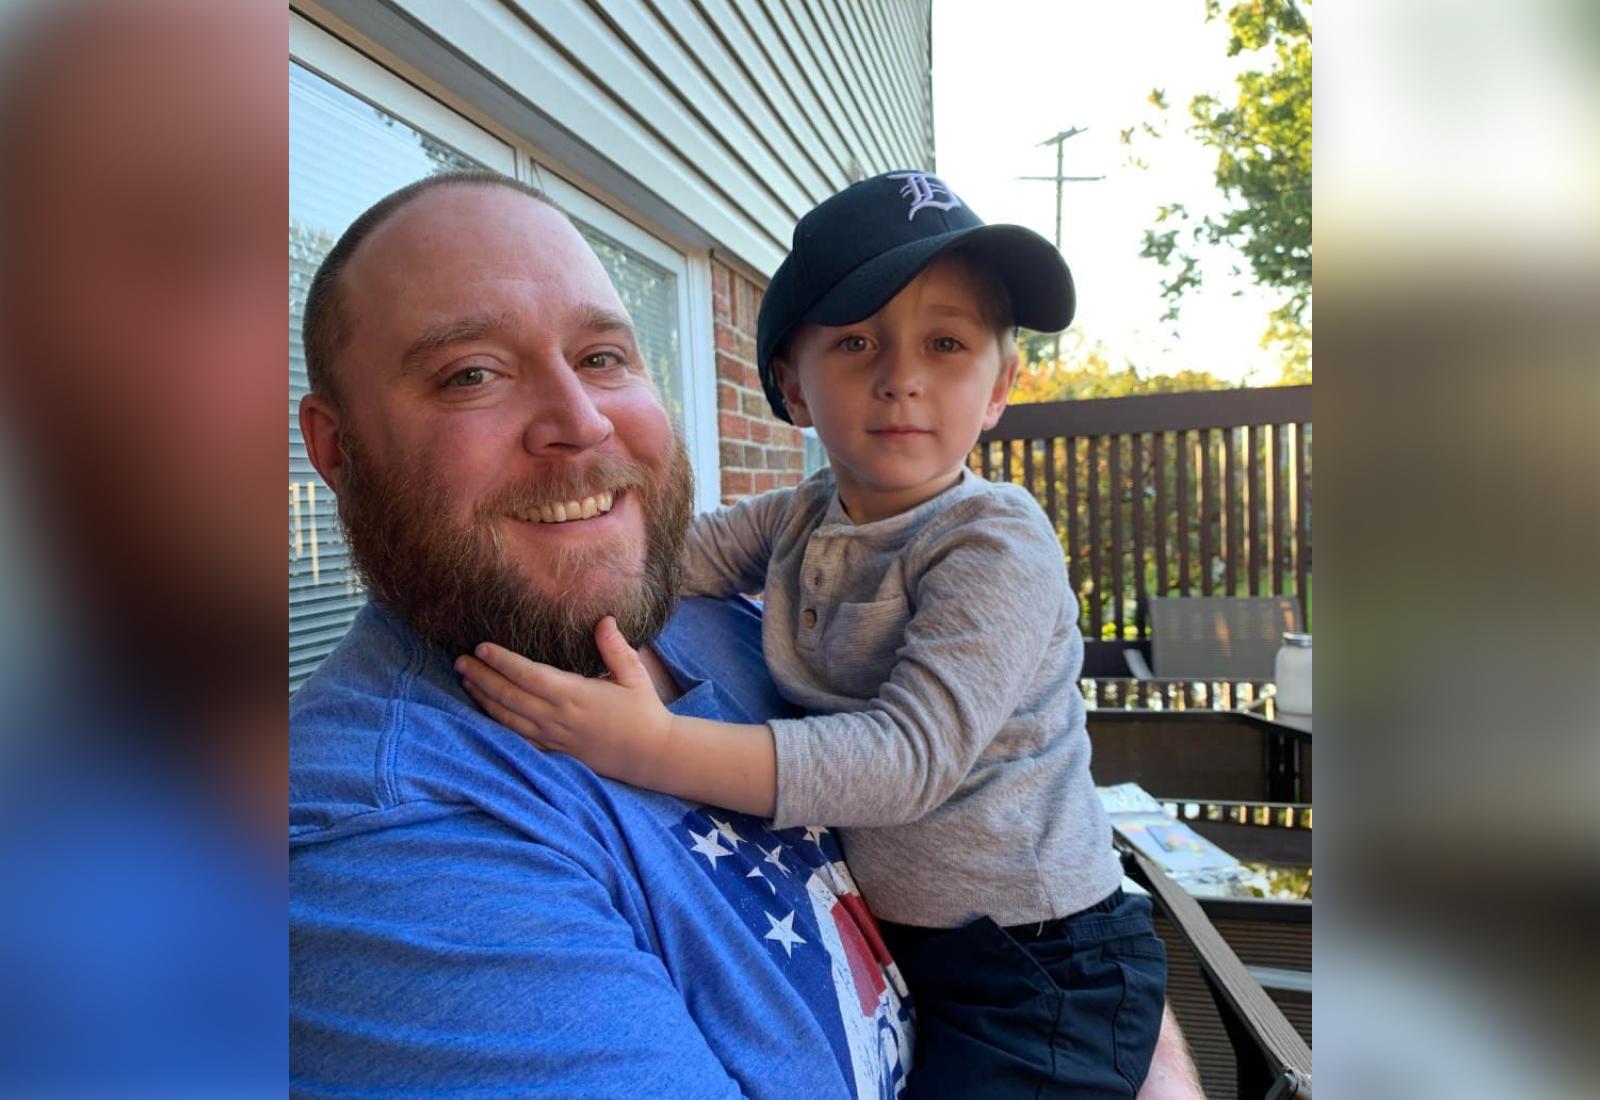 Герой материала вместе со своим племянником. Фото © Reddit / Rjm1230